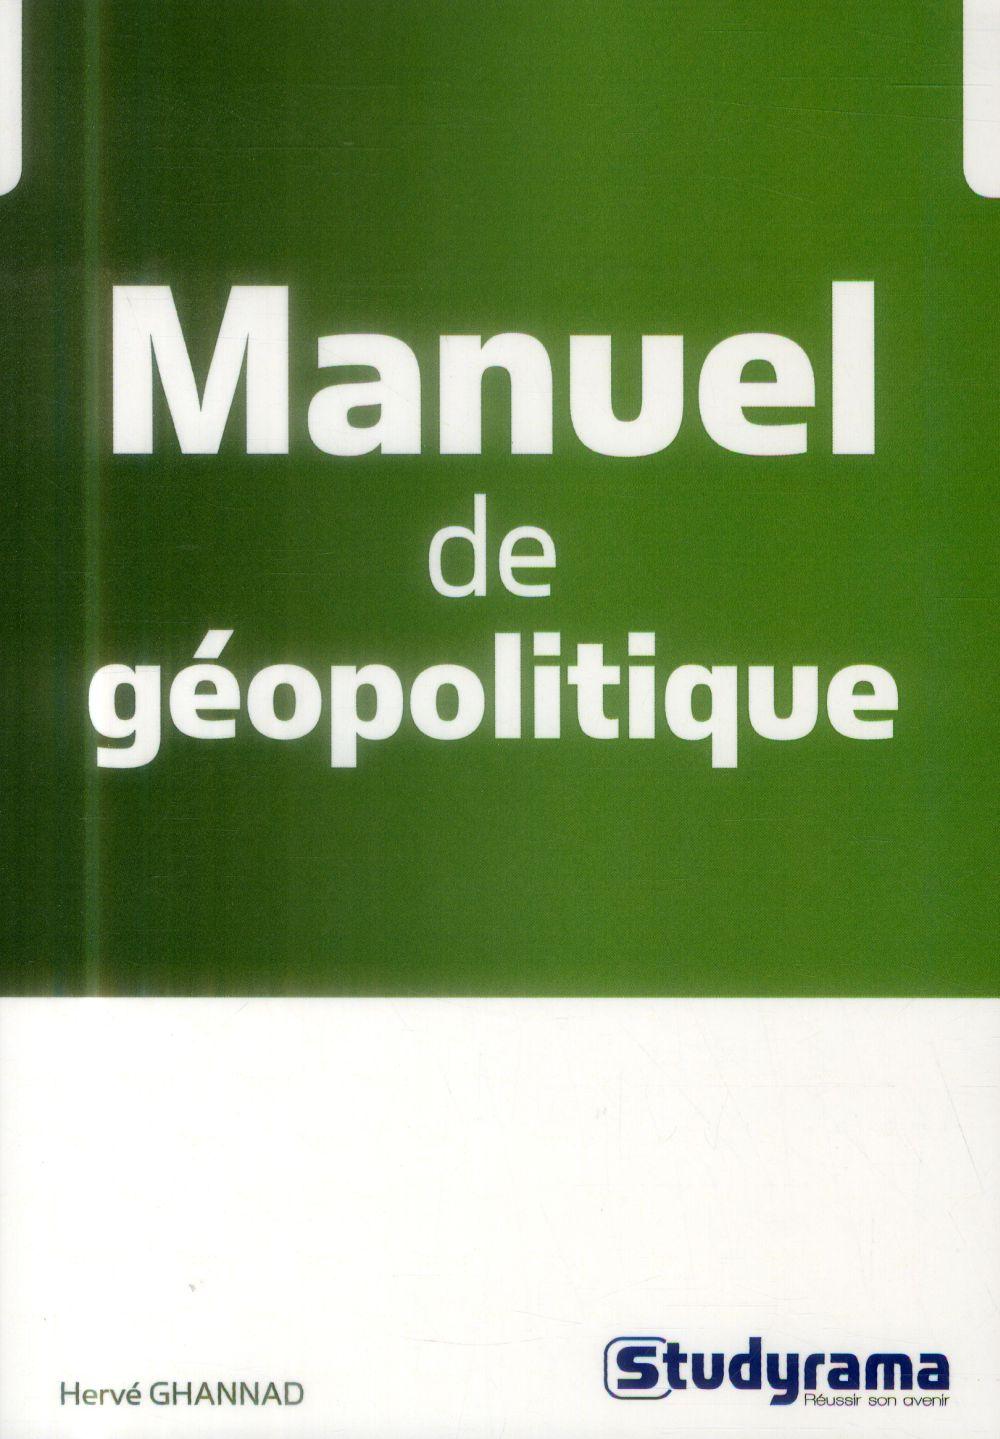 MANUEL DE GEOPOLITIQUE